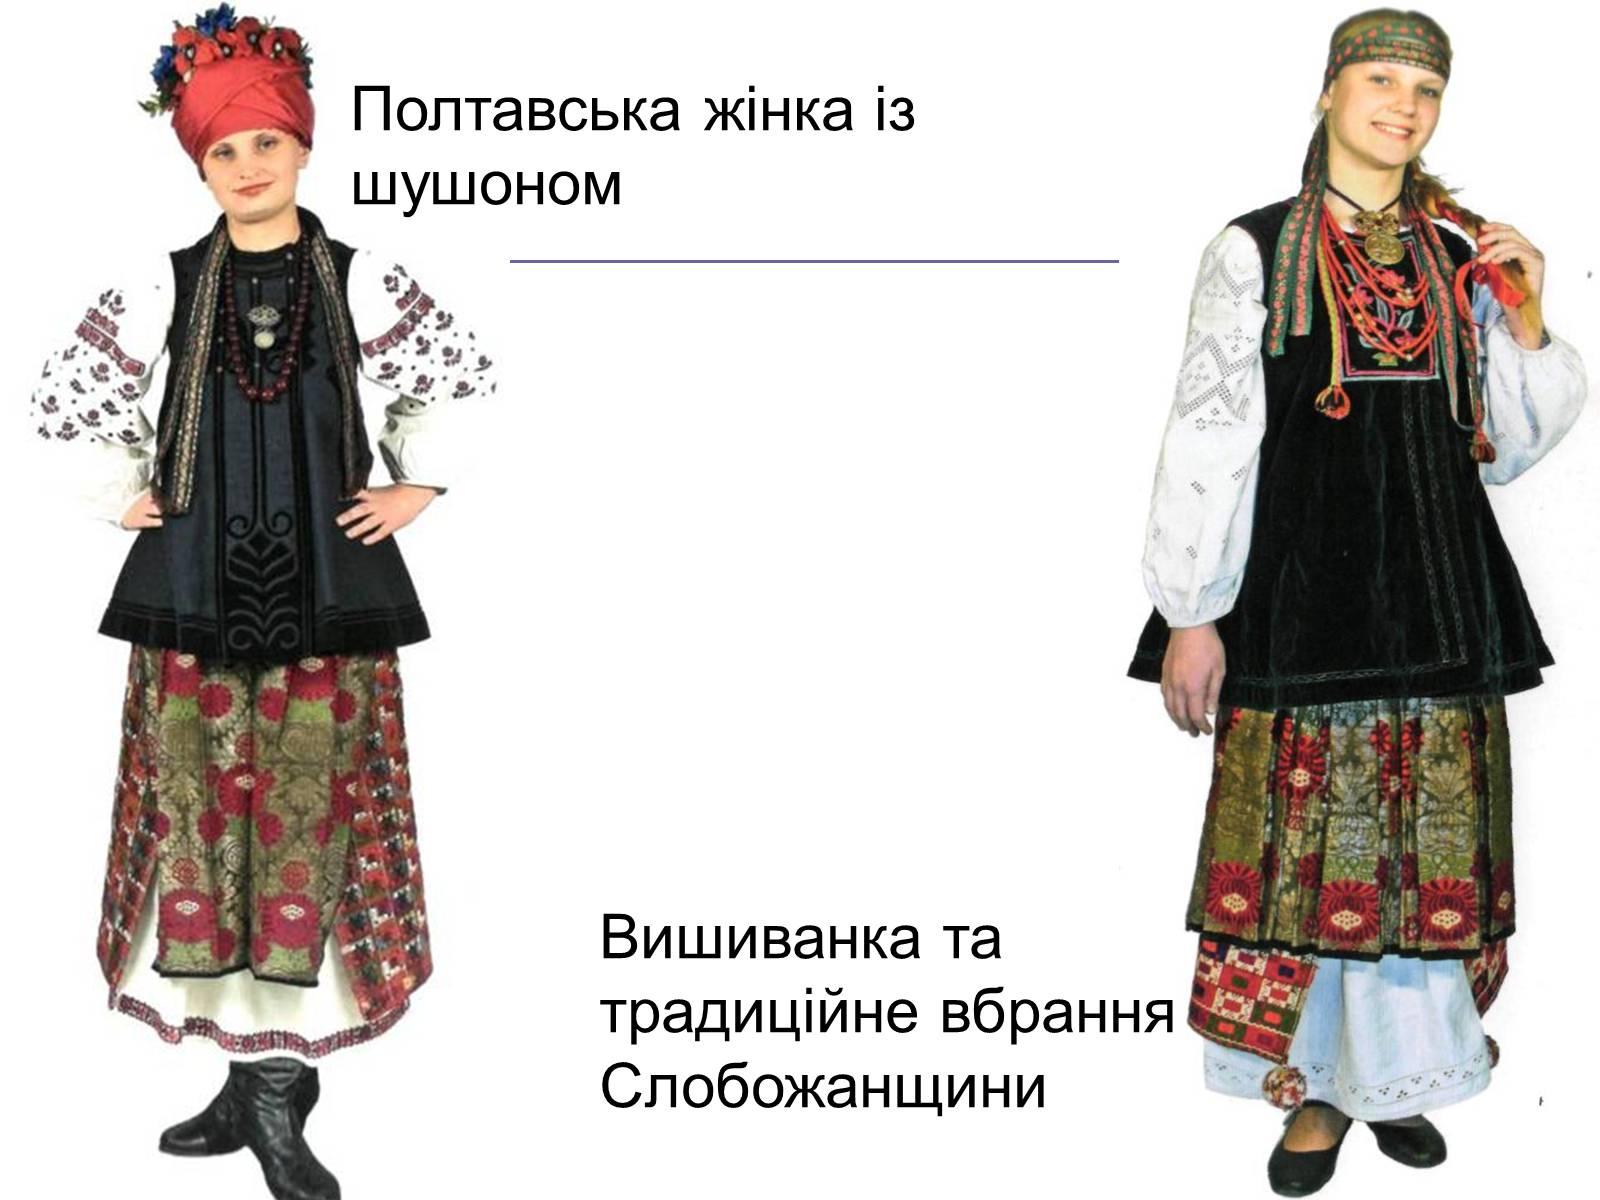 Презентація на тему Українське народне вбрання — готові шкільні ... 546eaaaa50fcd